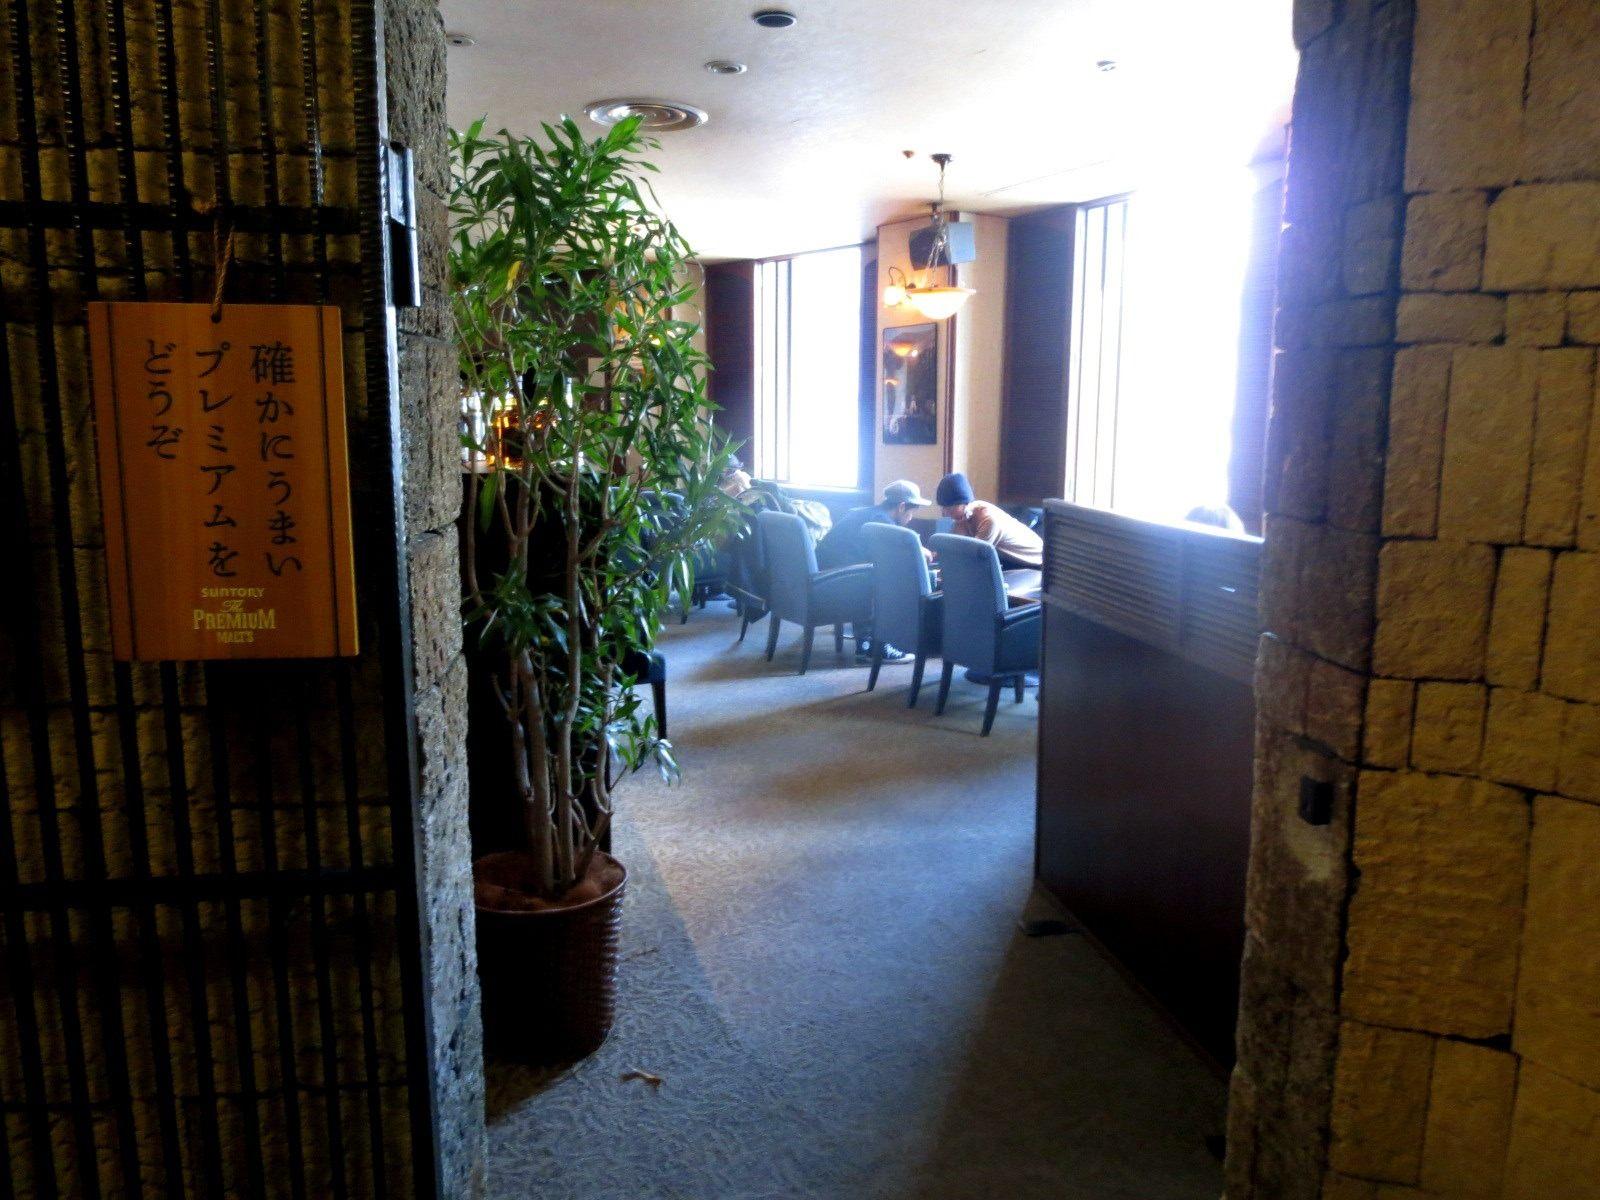 咖啡厅「CARNAVAL」